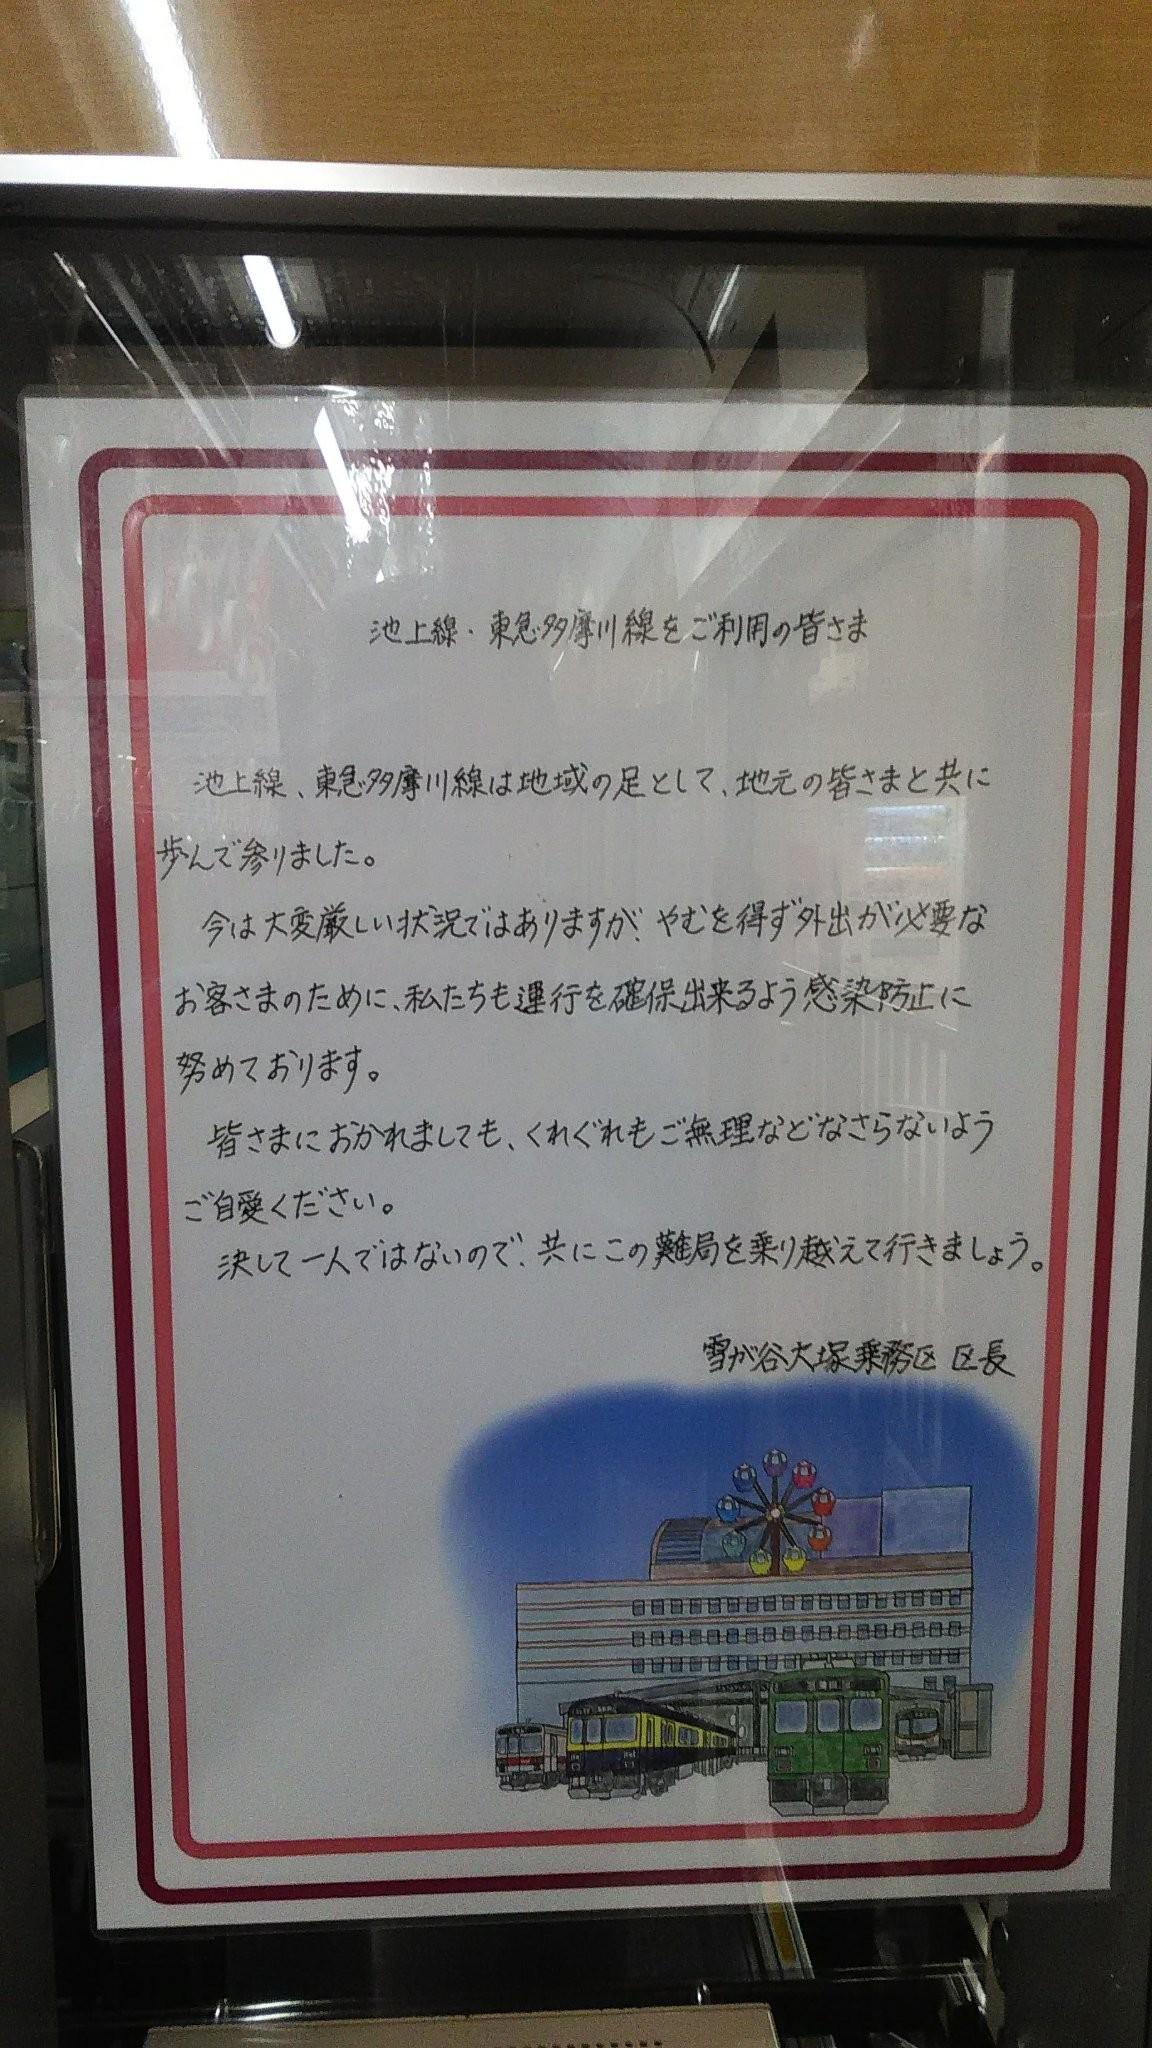 大檸檬用圖(圖/翻攝自推特@izukyu)